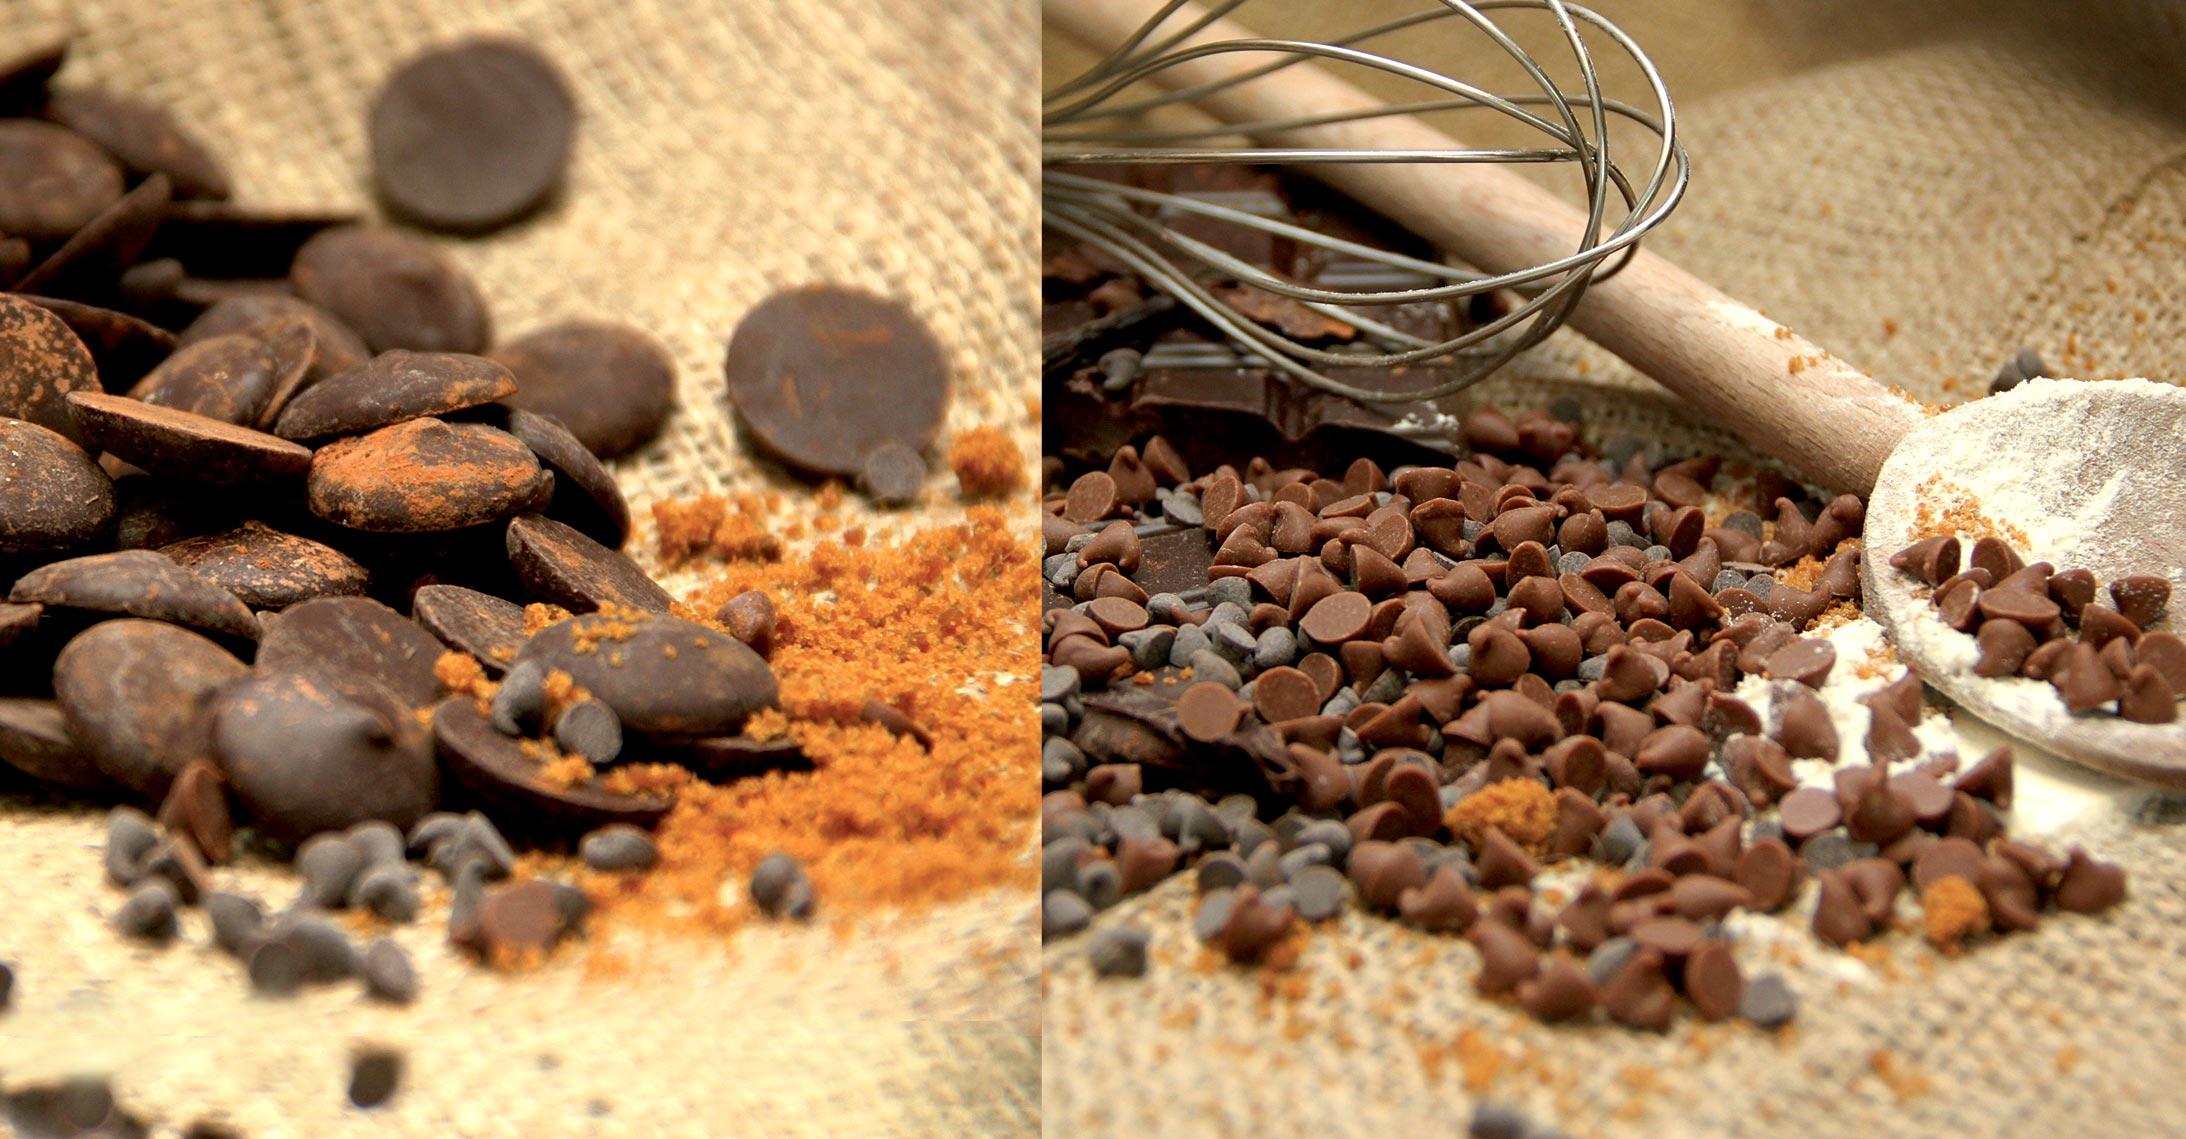 chokolade chips og drops baggrundsbillede økologisk